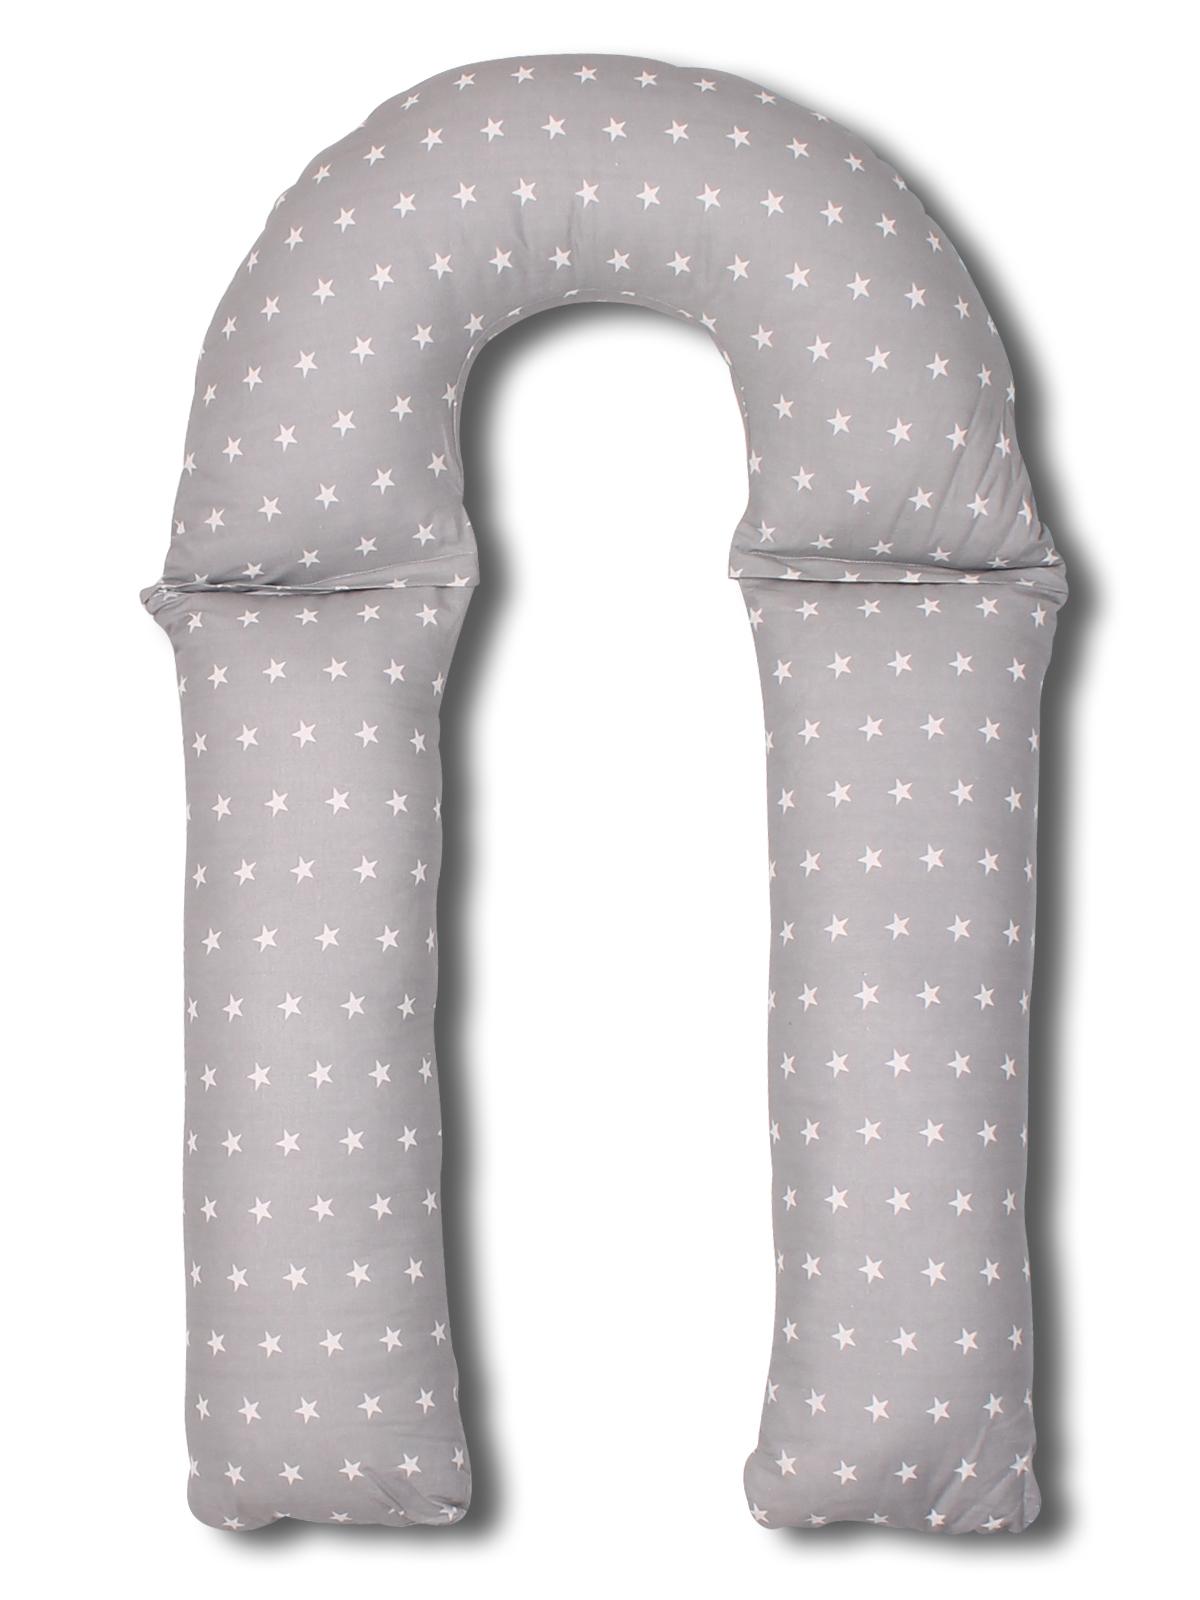 Чехол для подушки для беременных Body Pillow трансформер форма U звезды комби, серый, розовый body pillow чехол для подушки для беременных u образный цвет бежевый золотой